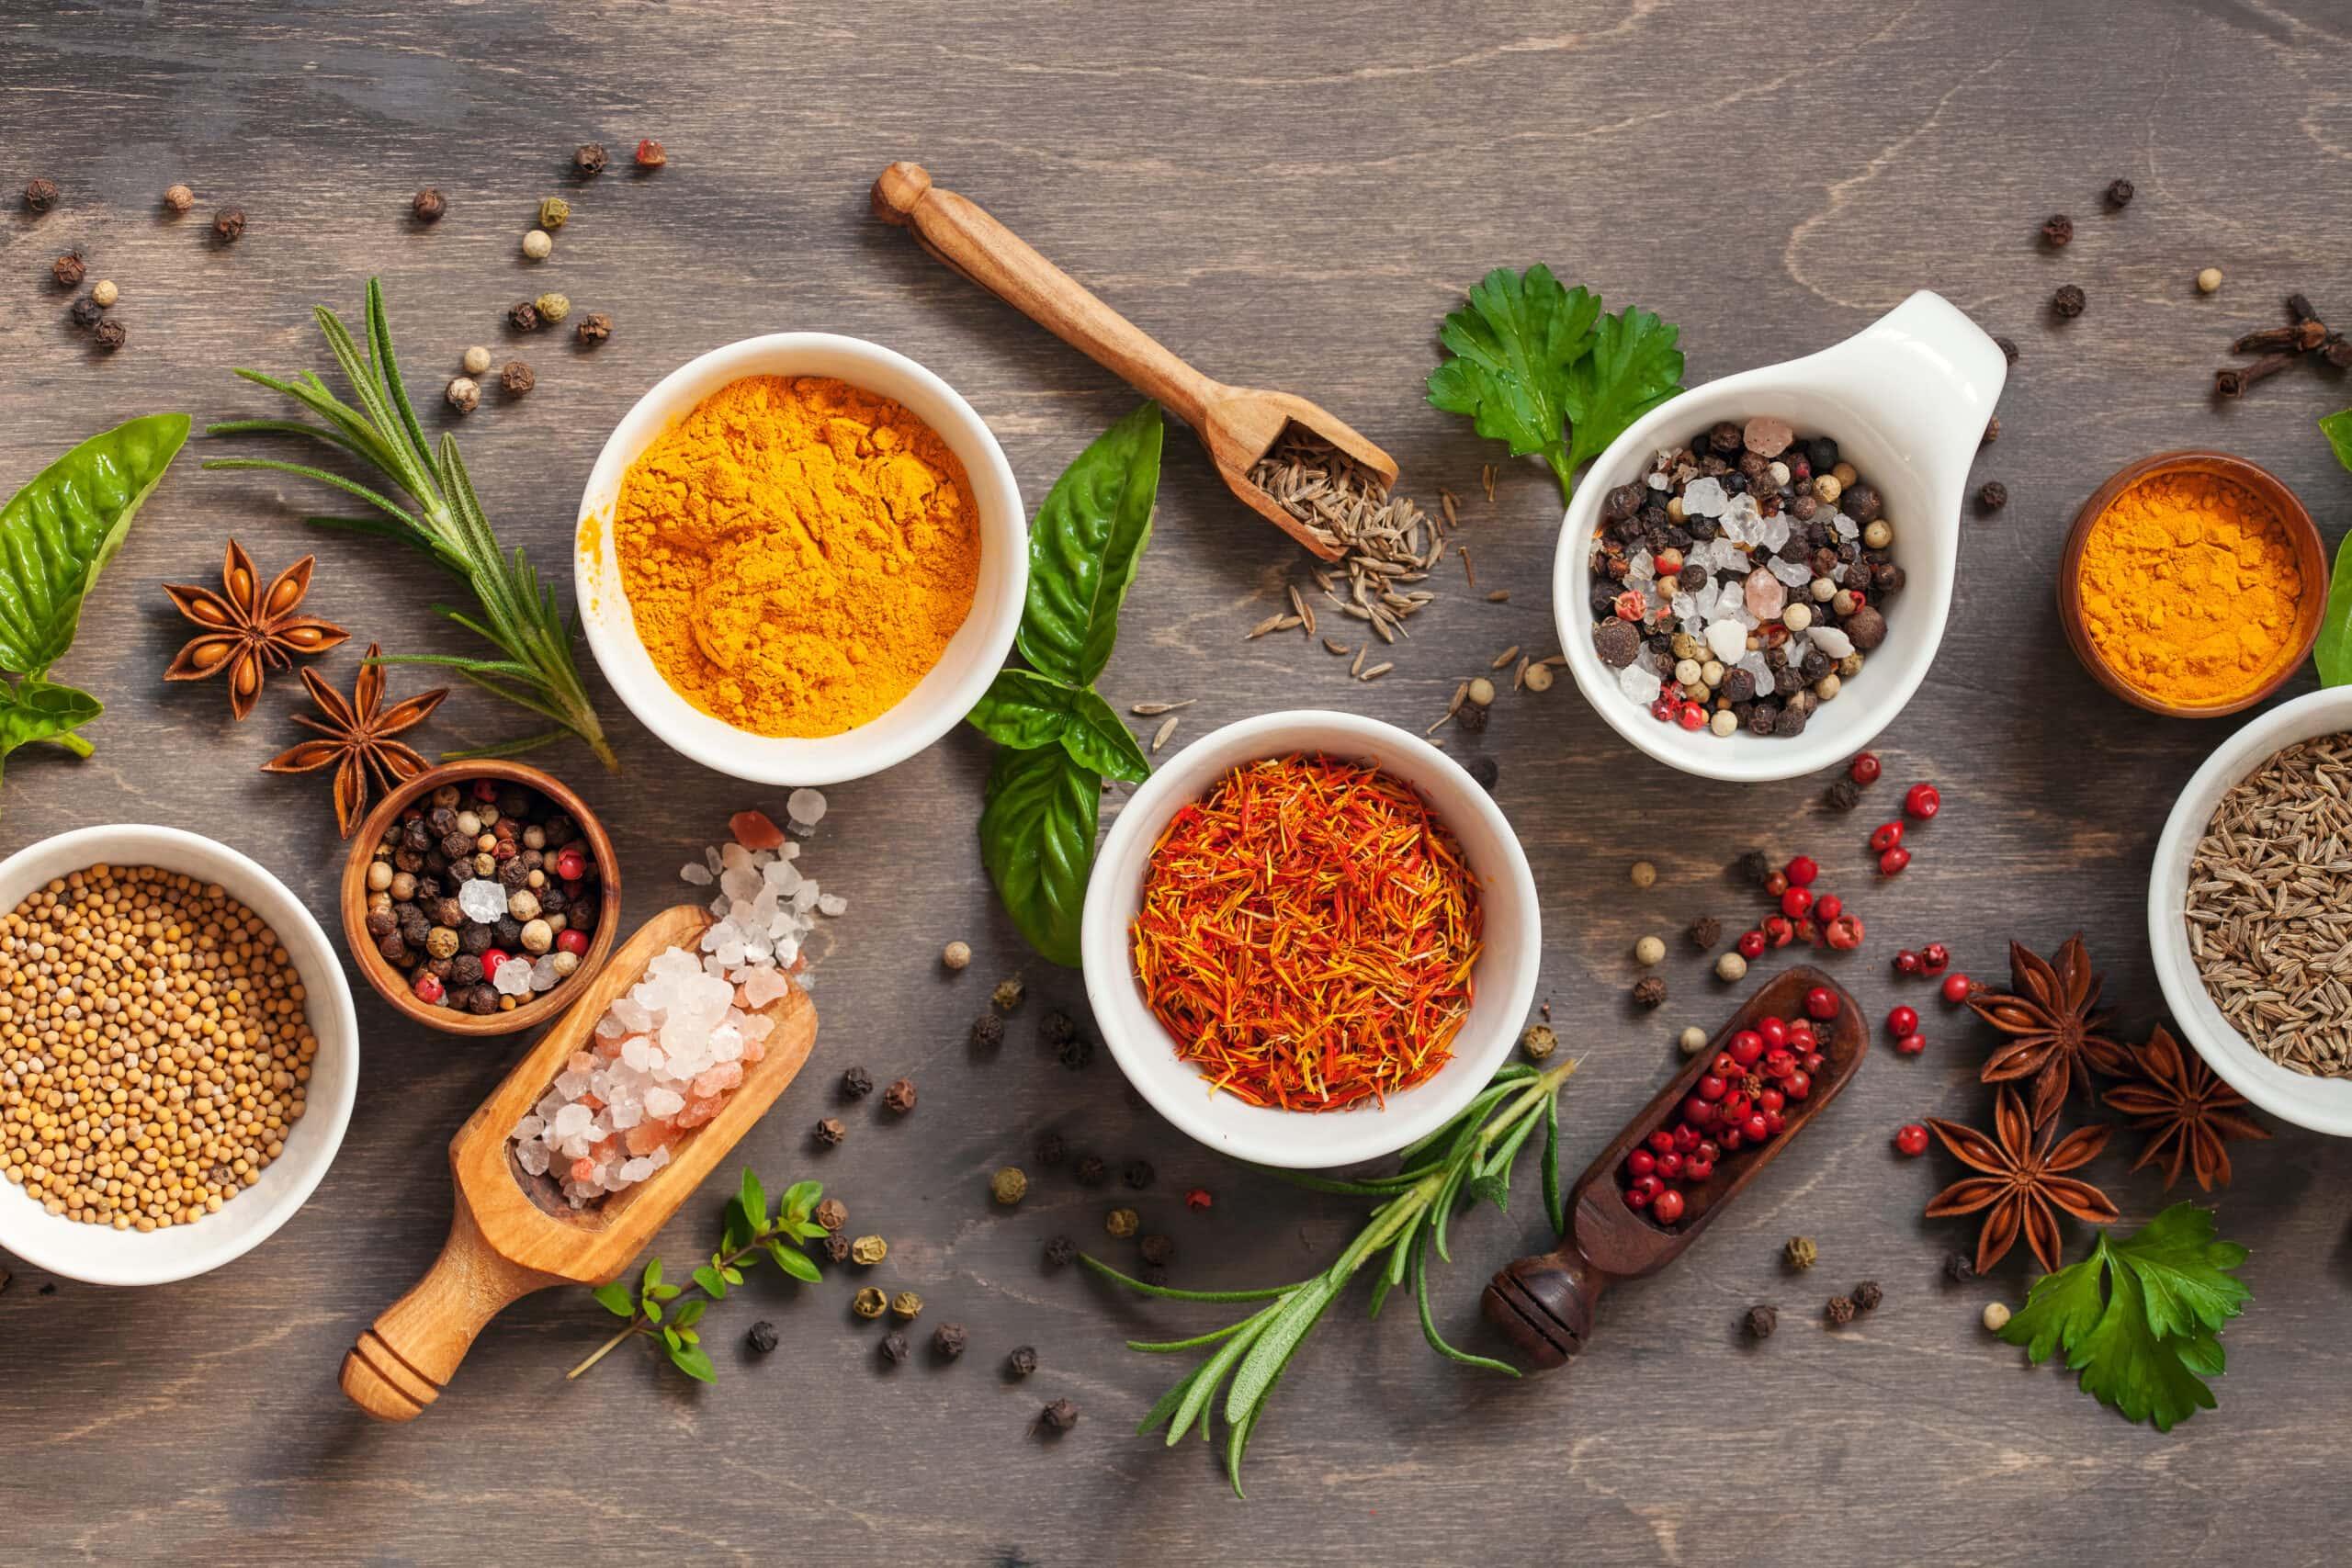 Spice and herb seasonings